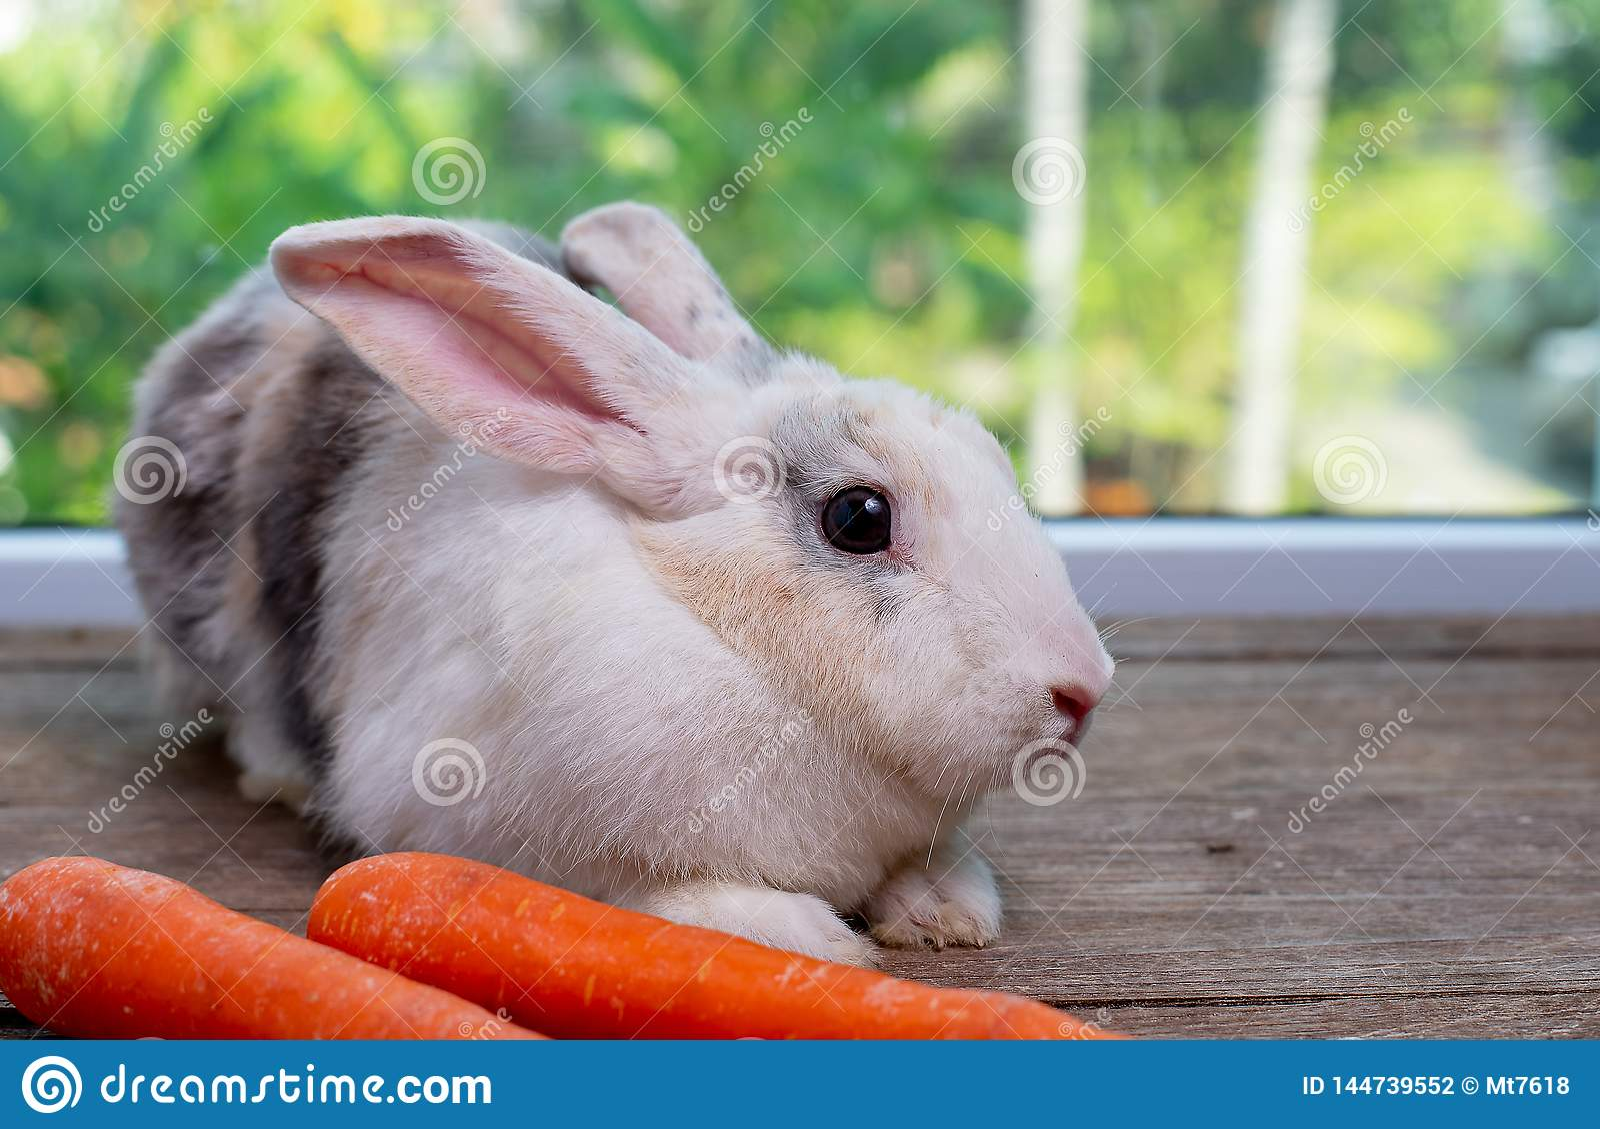 Orelha longa e estada marrom do coelho de coelho das listras na frente da cenoura na tabela de madeira com fundo verde